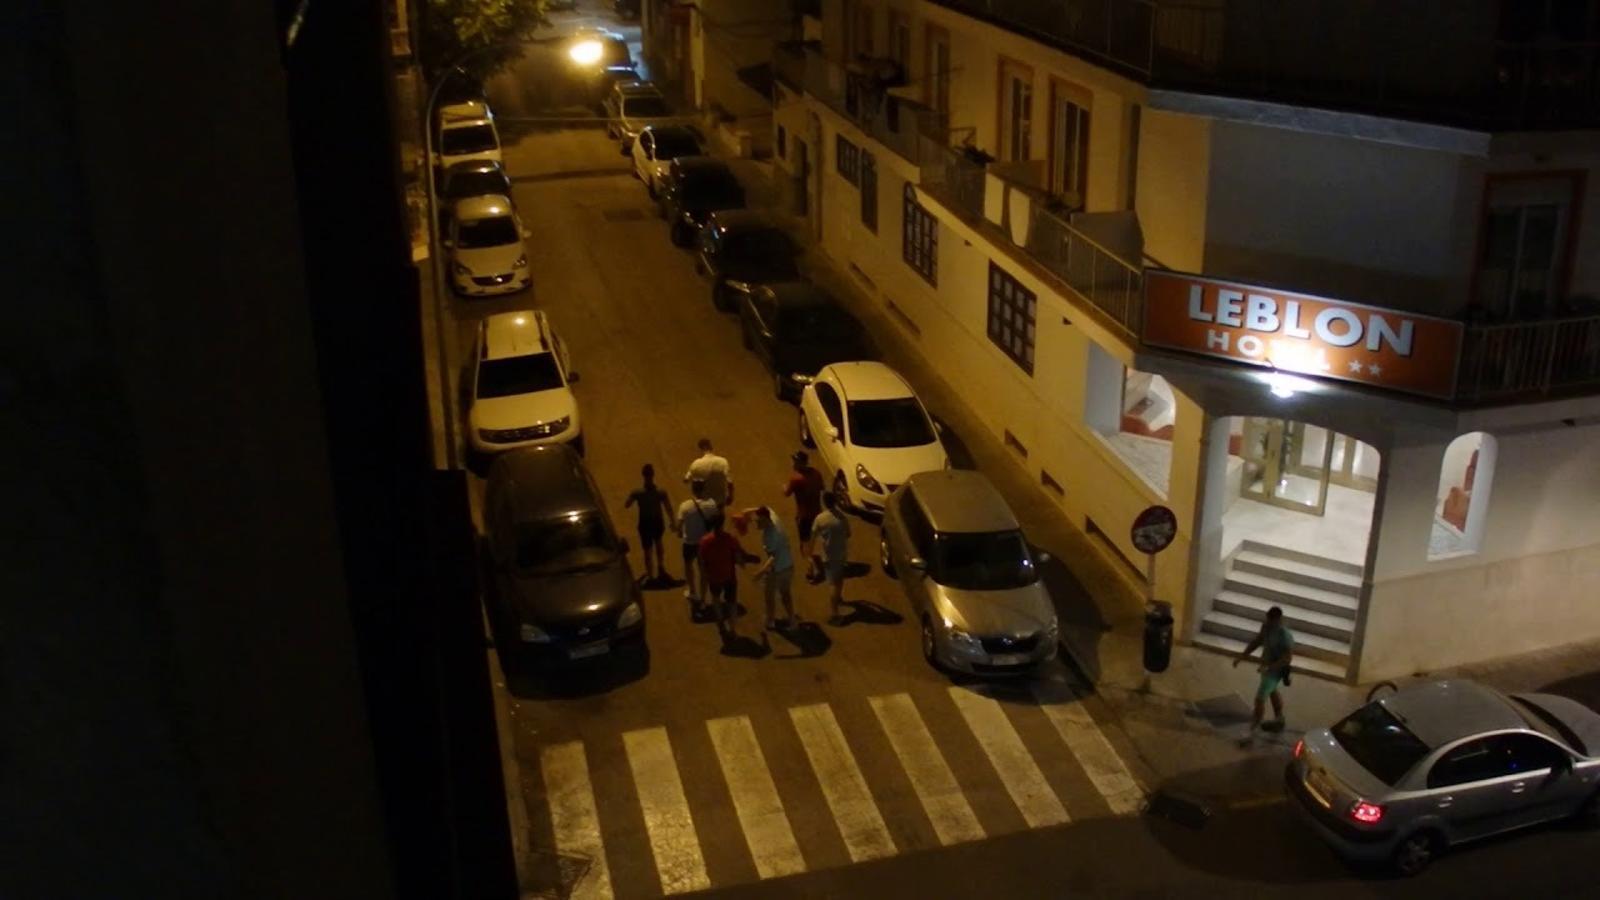 Els veinats de s'Arenal denuncien l'incivisme que es viu al seu barri